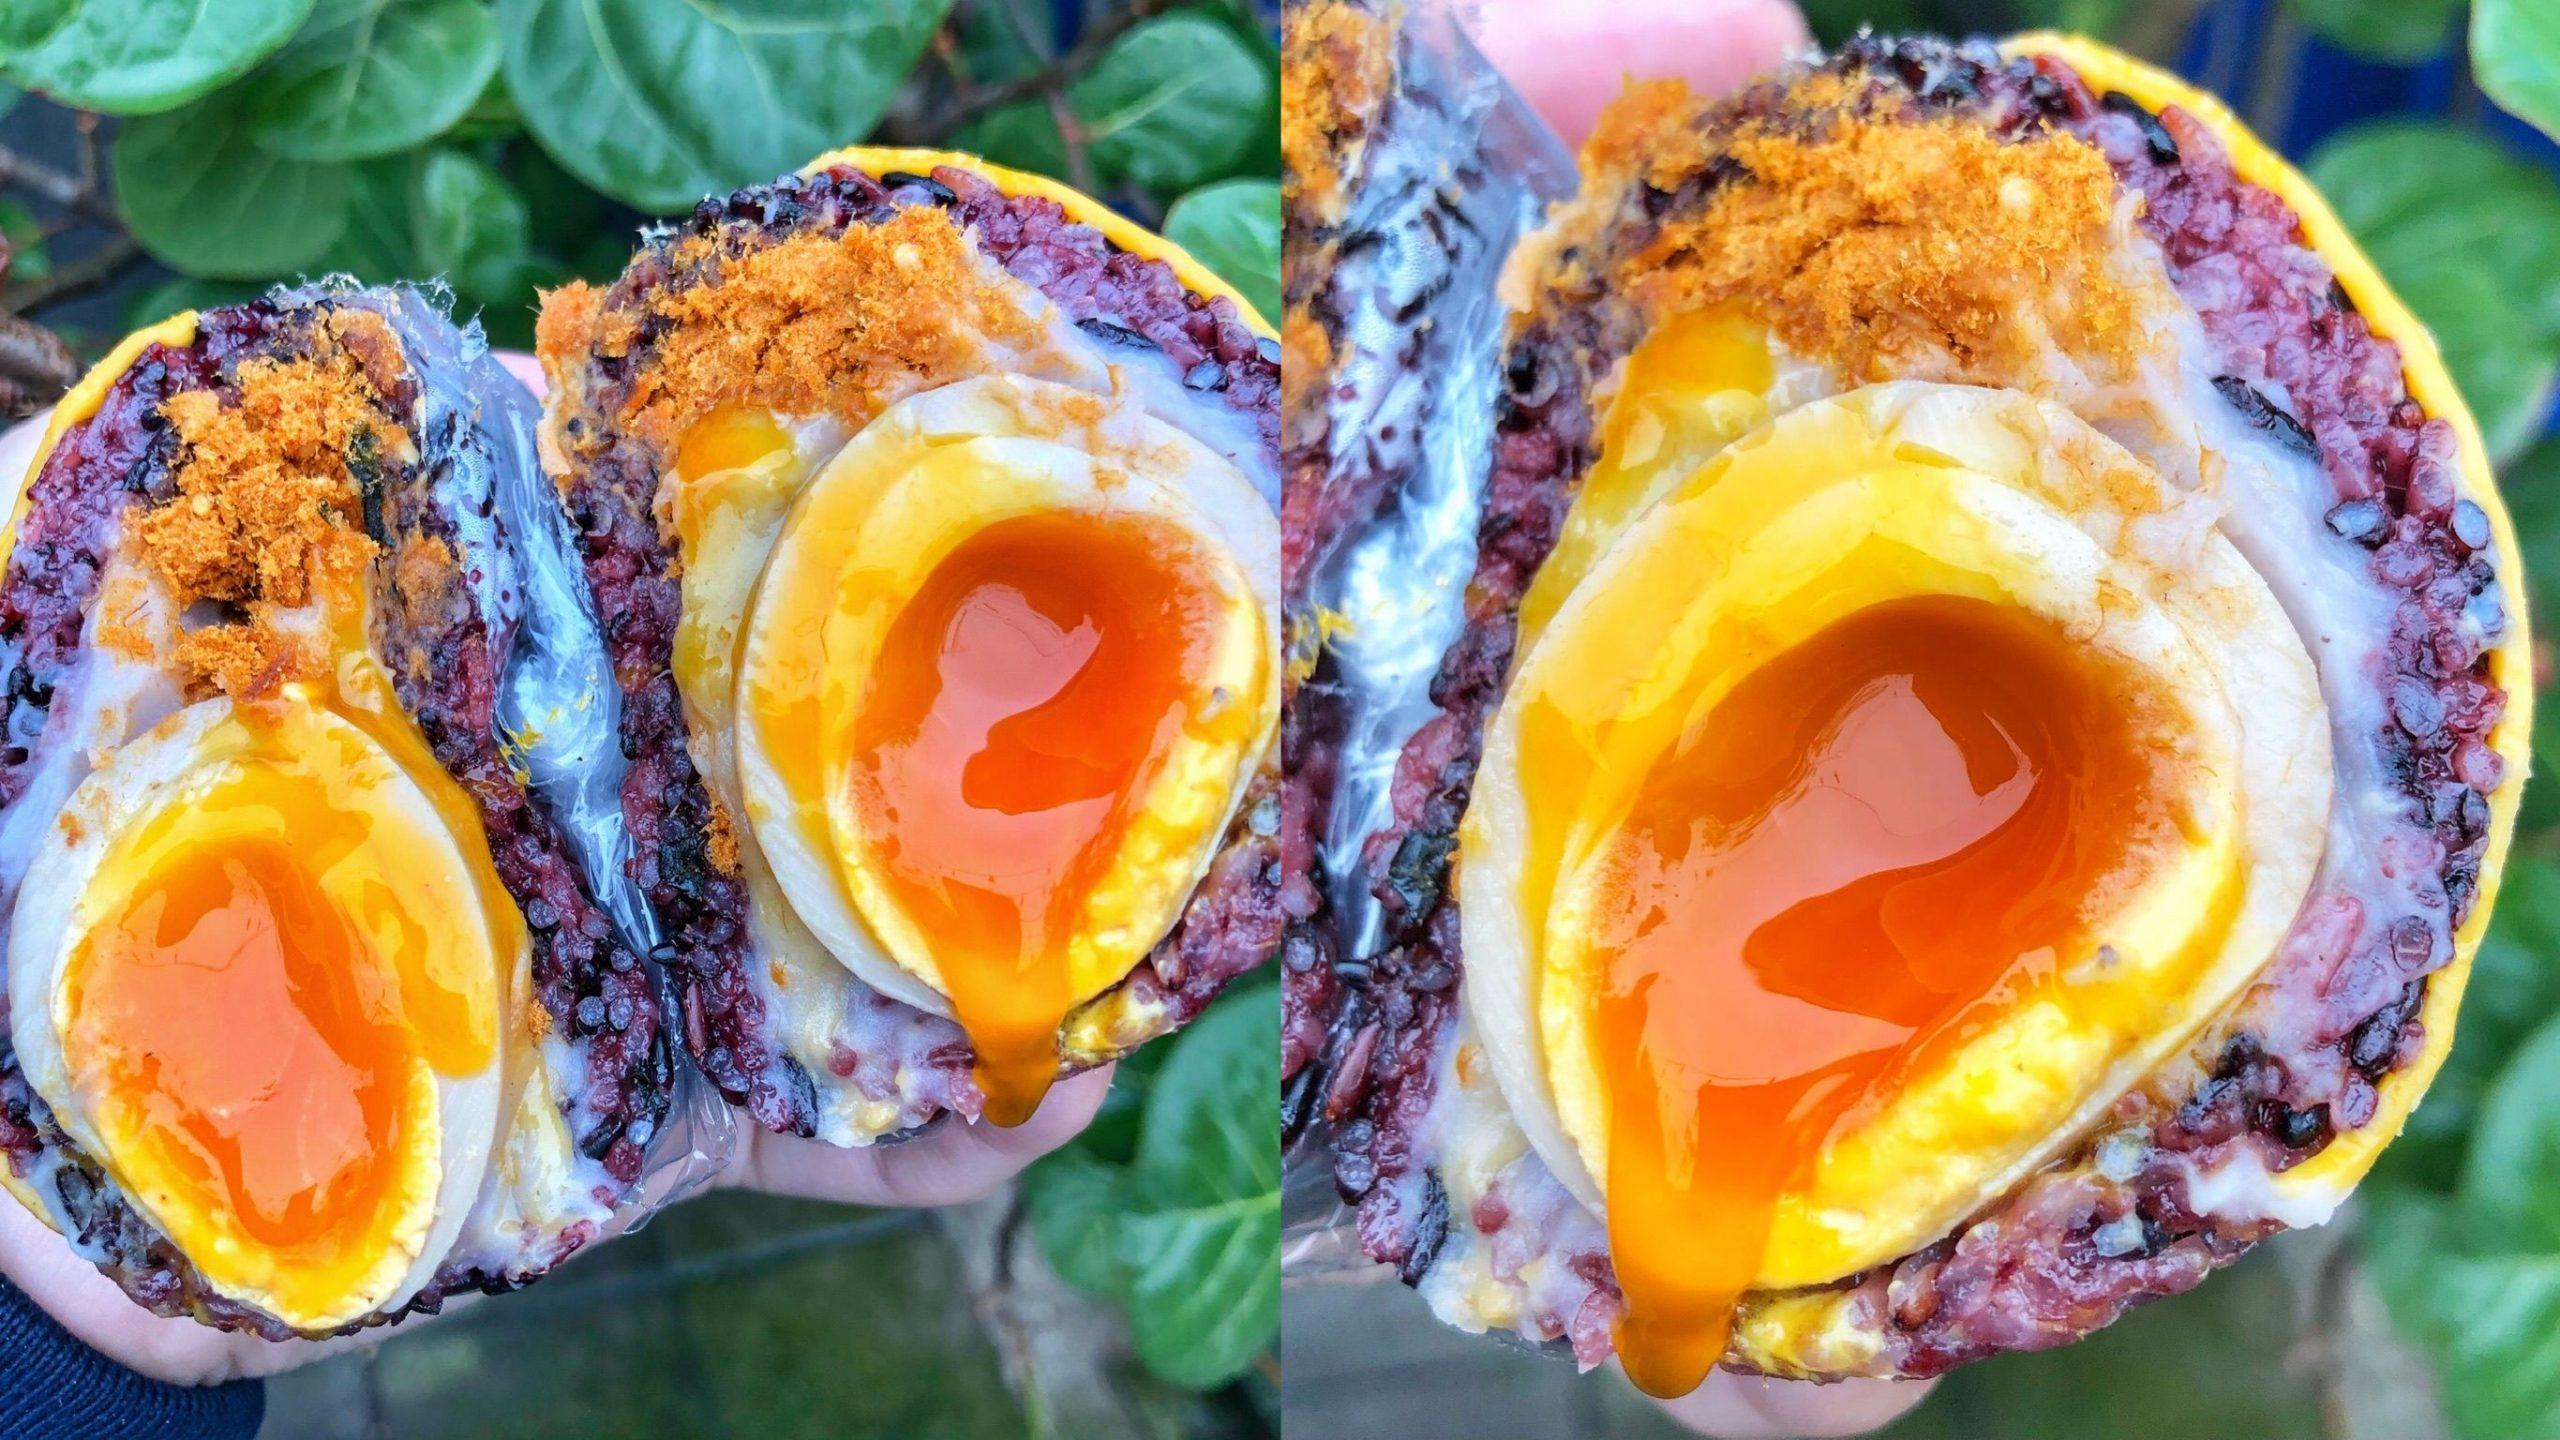 【台北美食】肉鬆豔芋溏心紫米飯糰「金花碳烤吐司專賣」蛋液流出超邪惡!這家早餐店賣的餐點都超罪惡